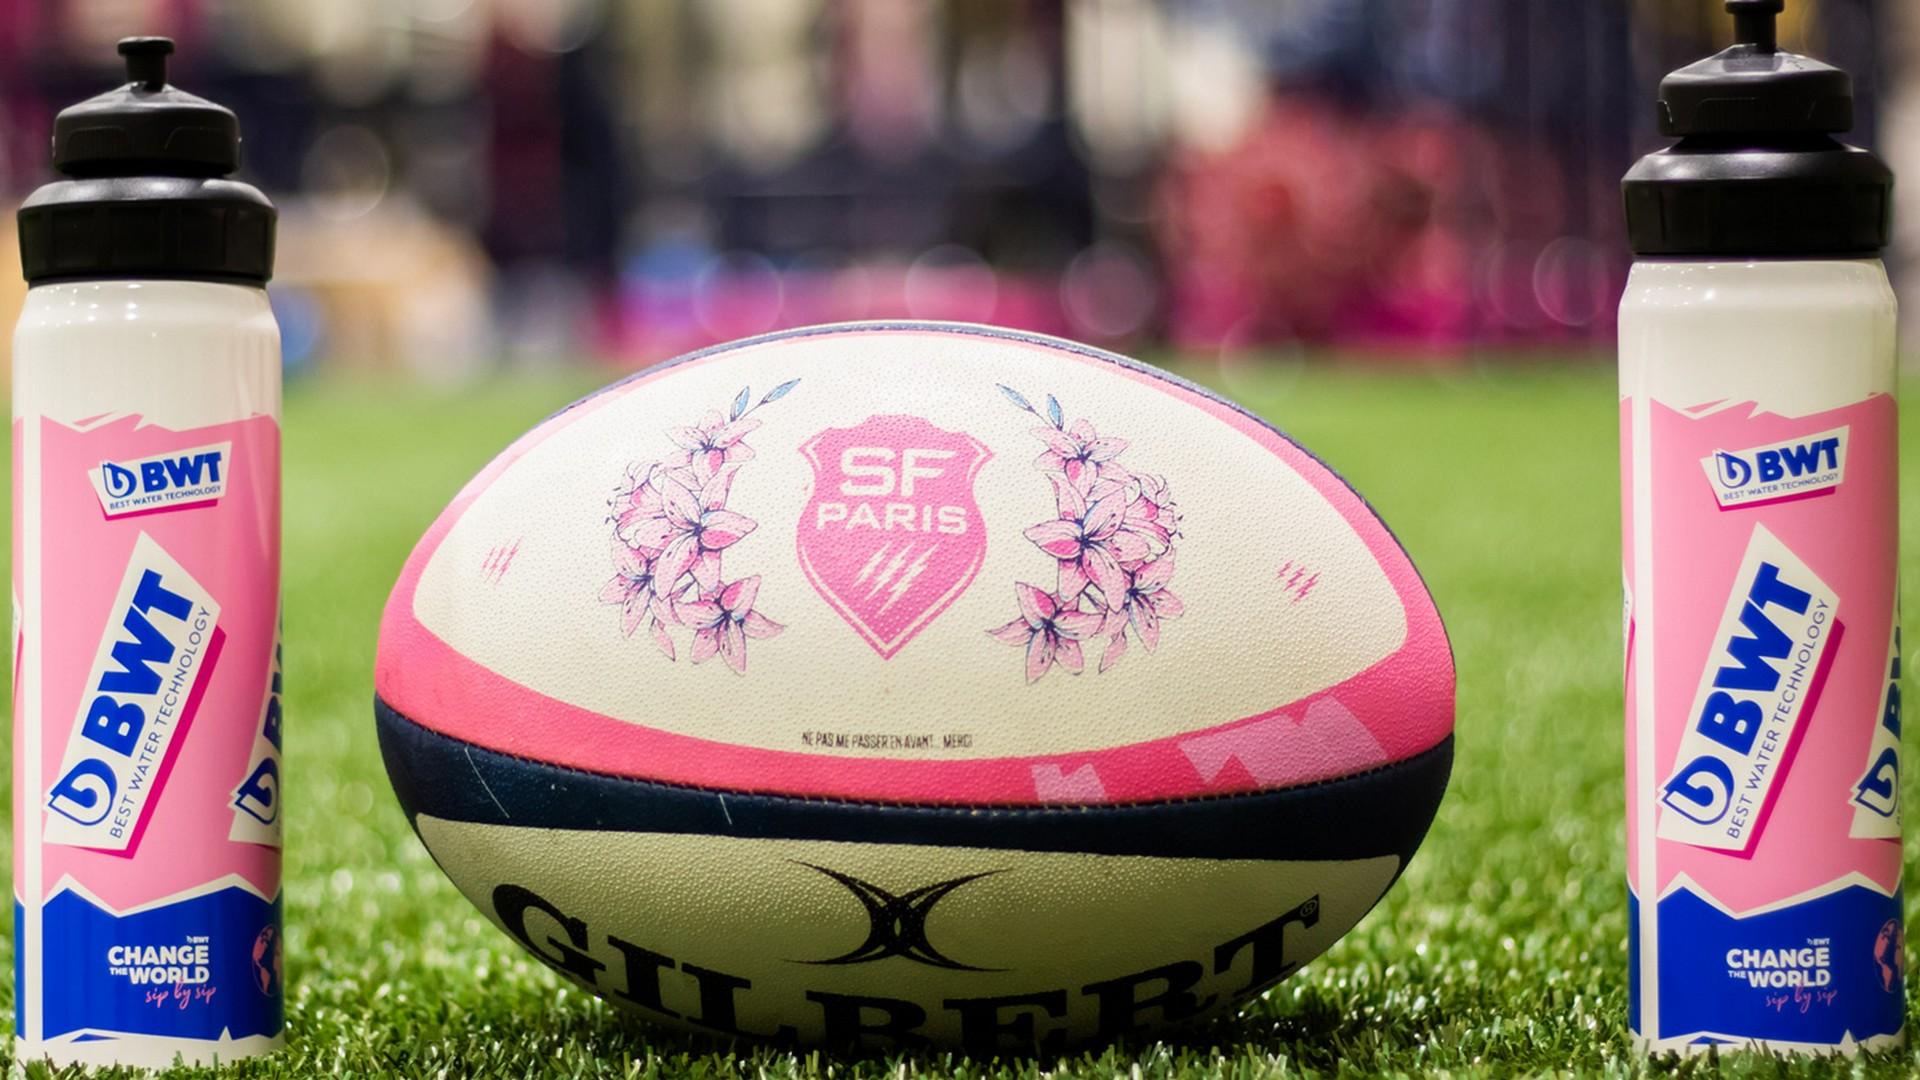 BWT x Stade Français (rugby) 2021